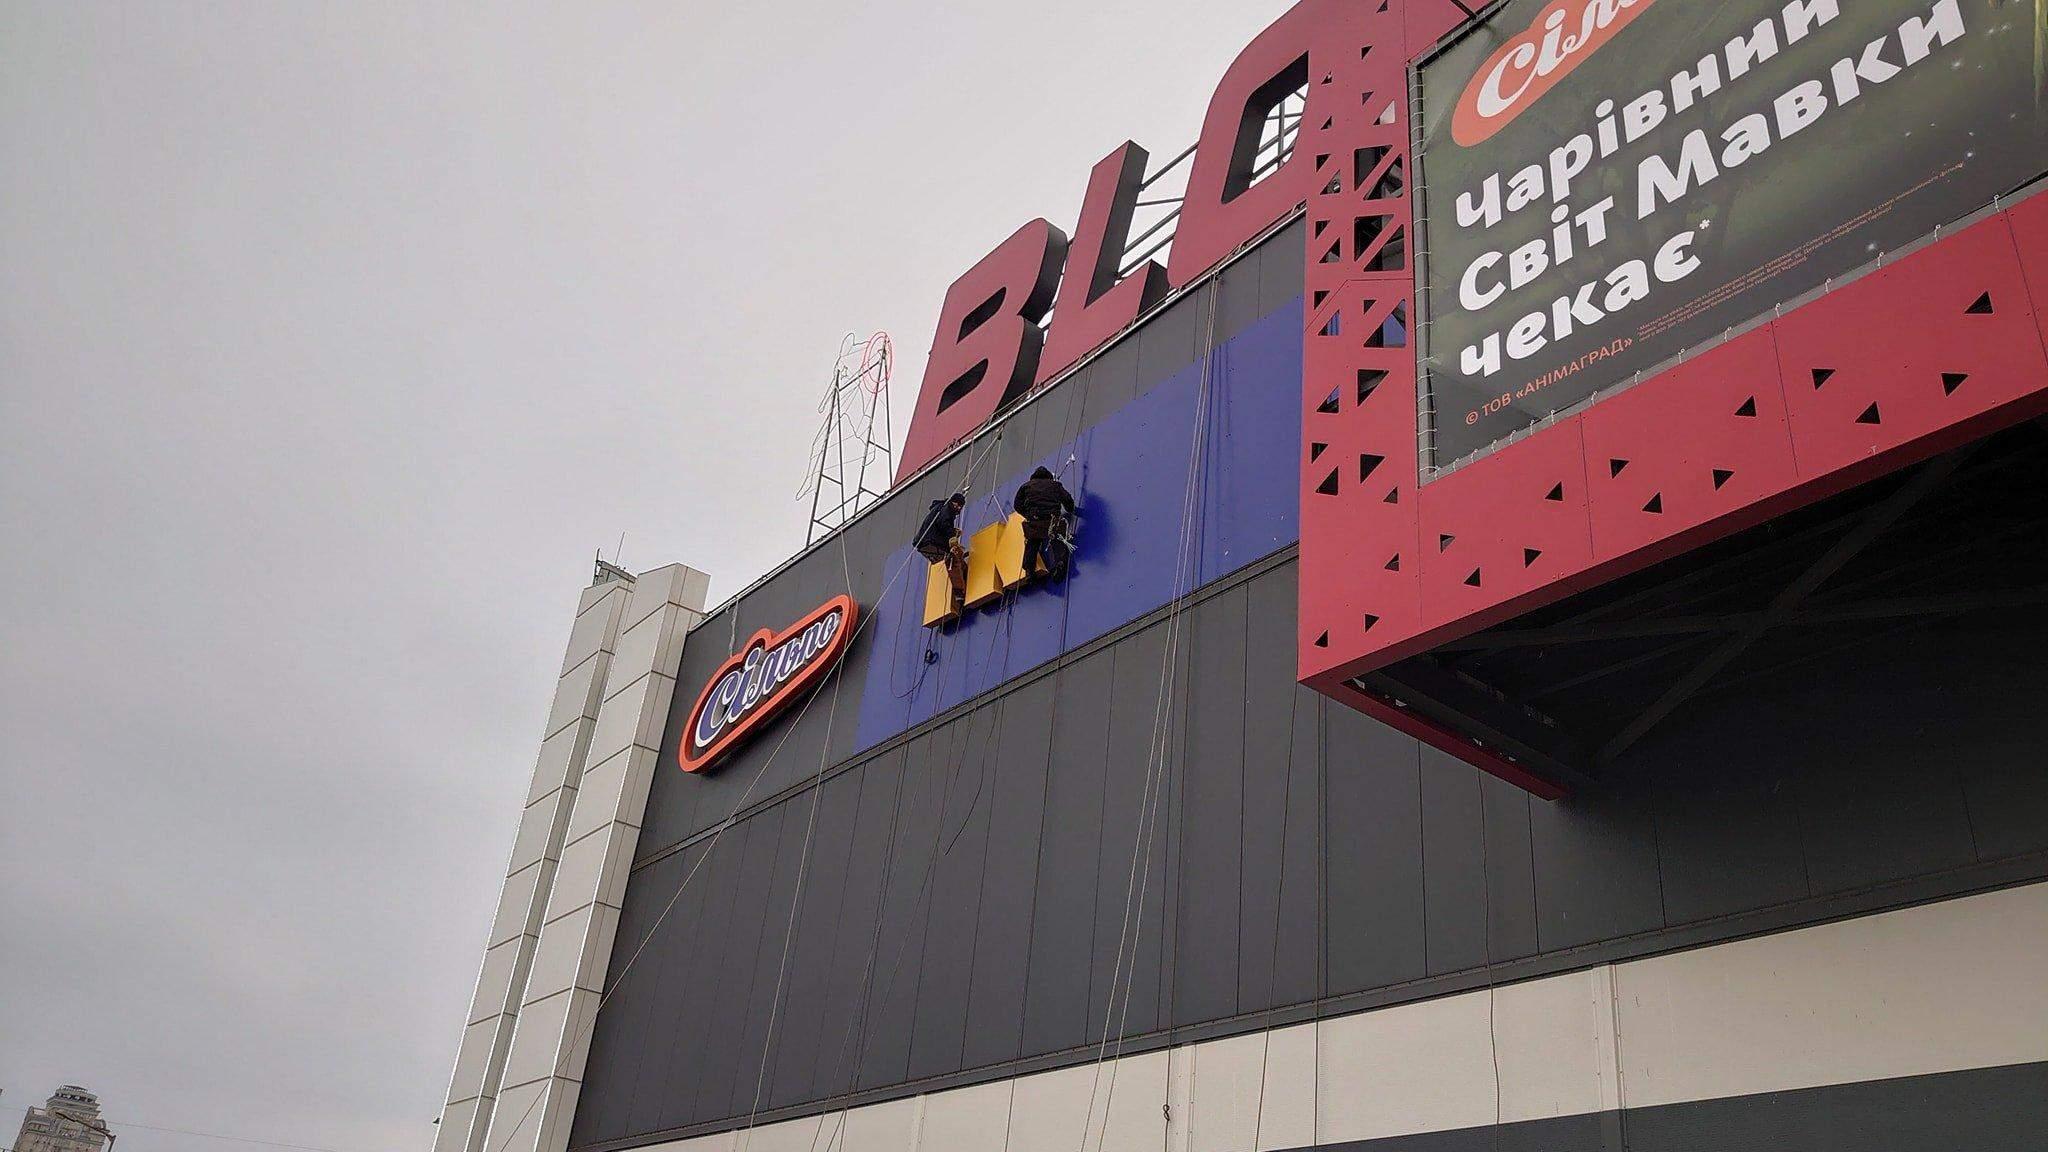 Відкриття магазину IKEA / Фото Михайла Зінченка Twitter